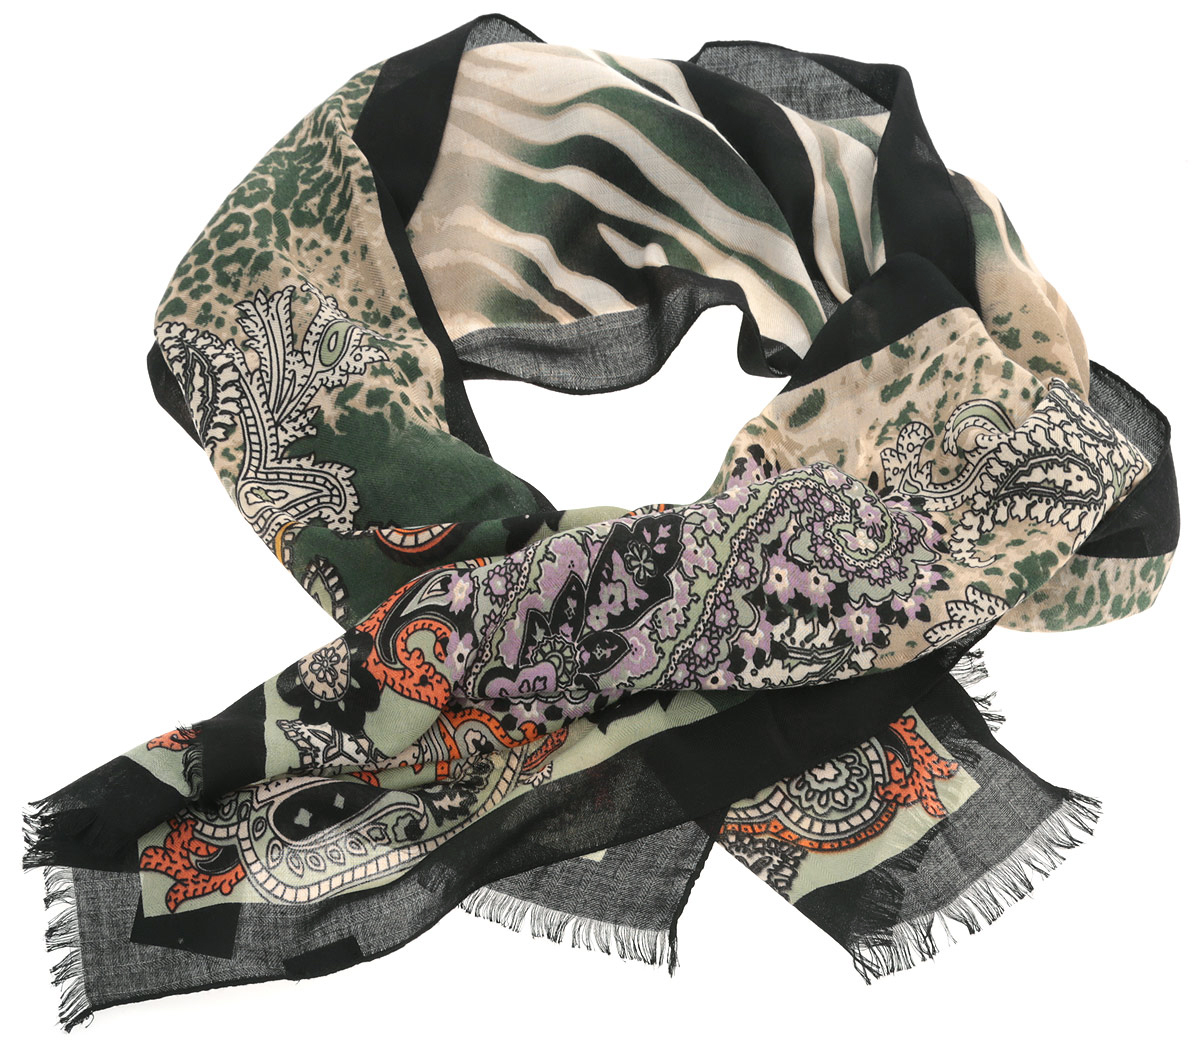 Шарф женский Fabretti, цвет: зеленый, черный, желтый. YGW028-1. Размер 70 см х 180 смYGW028-1Потрясающий женский шарф Fabretti выполнен из шерсти в сочетании с вискозой и украшен актуальным узором пейсли. Края модели оформлены коротенькой бахромой.Великолепный женский шарф Fabretti станет вашим верным спутником, а окружающие обязательно будут обращать свое восторженное внимание на вас.